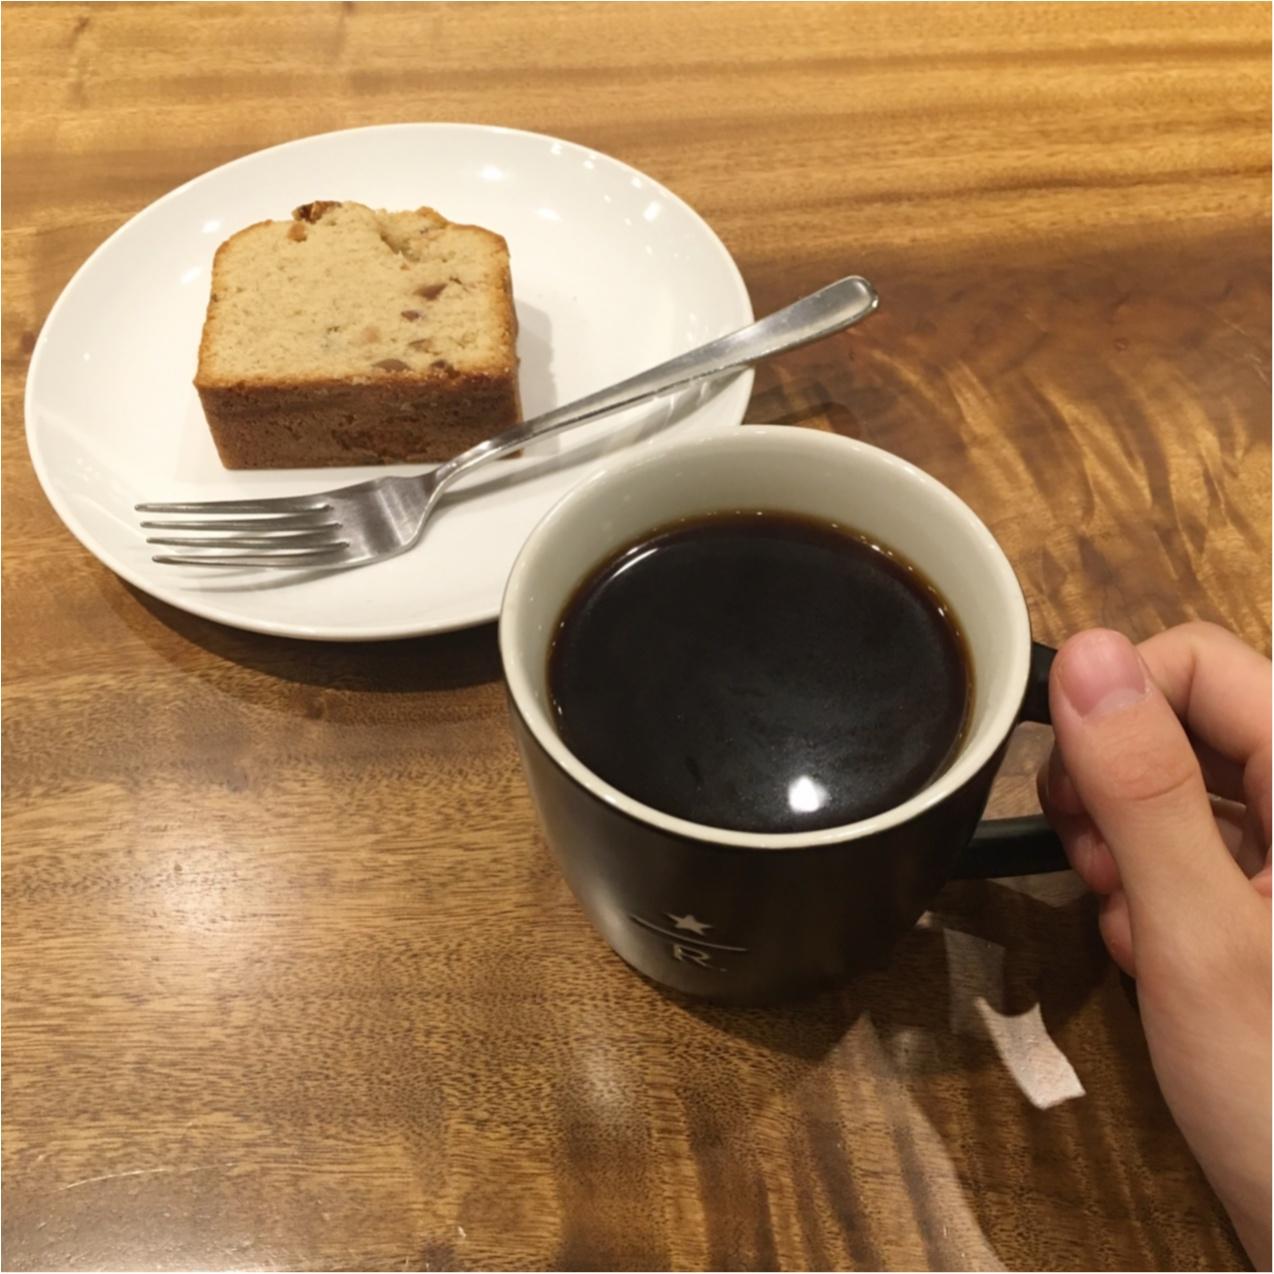 ワンランク上のコーヒーが味わえる ♡ 《 スターバックスリザーブ 》でちょっとリッチなコーヒーを…♡_8